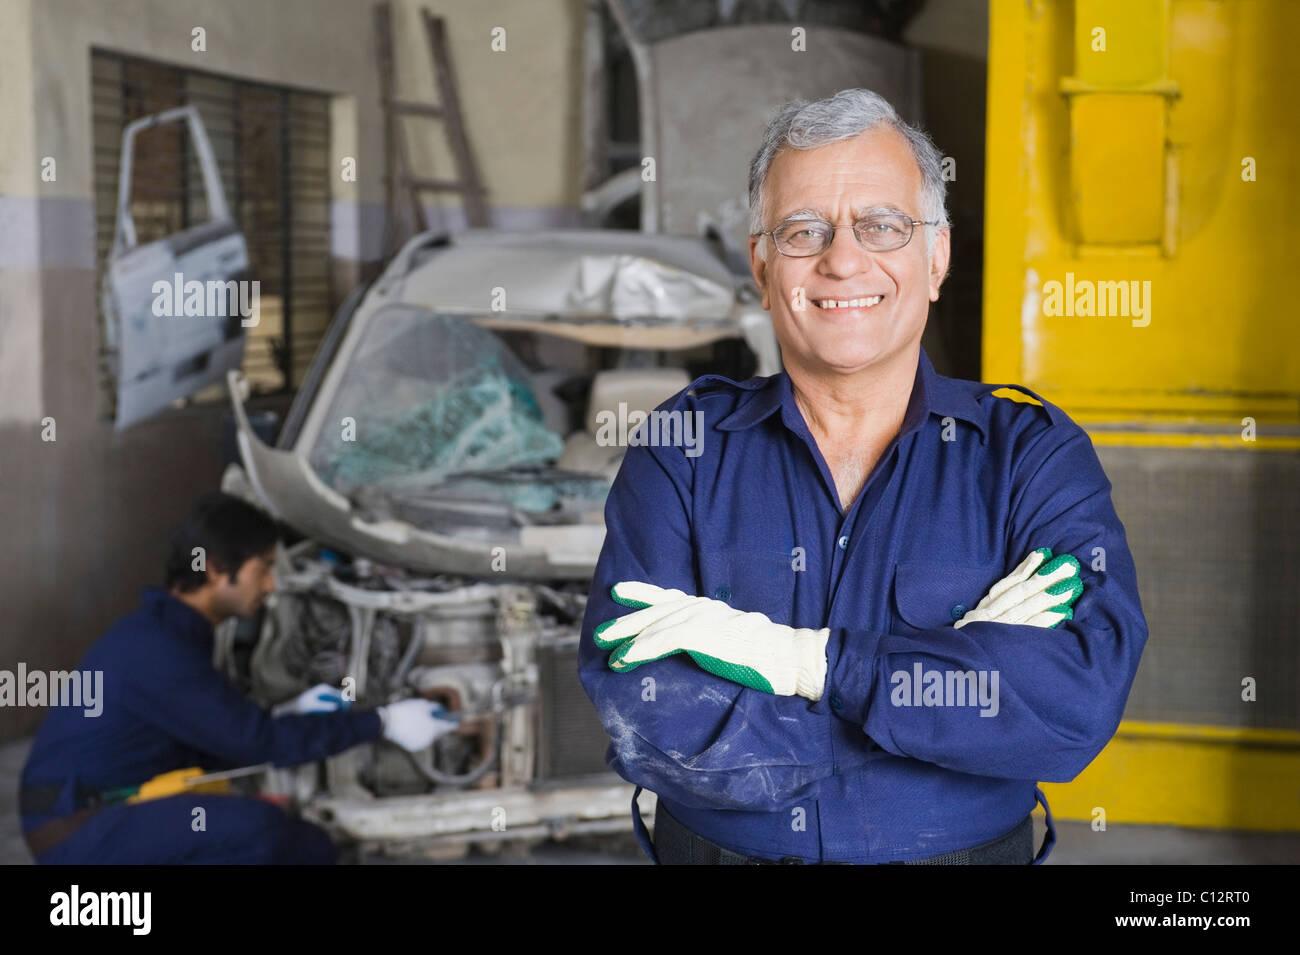 Porträt von lächelnd mit Lehrling ein Auto im Hintergrund Reparatur ...